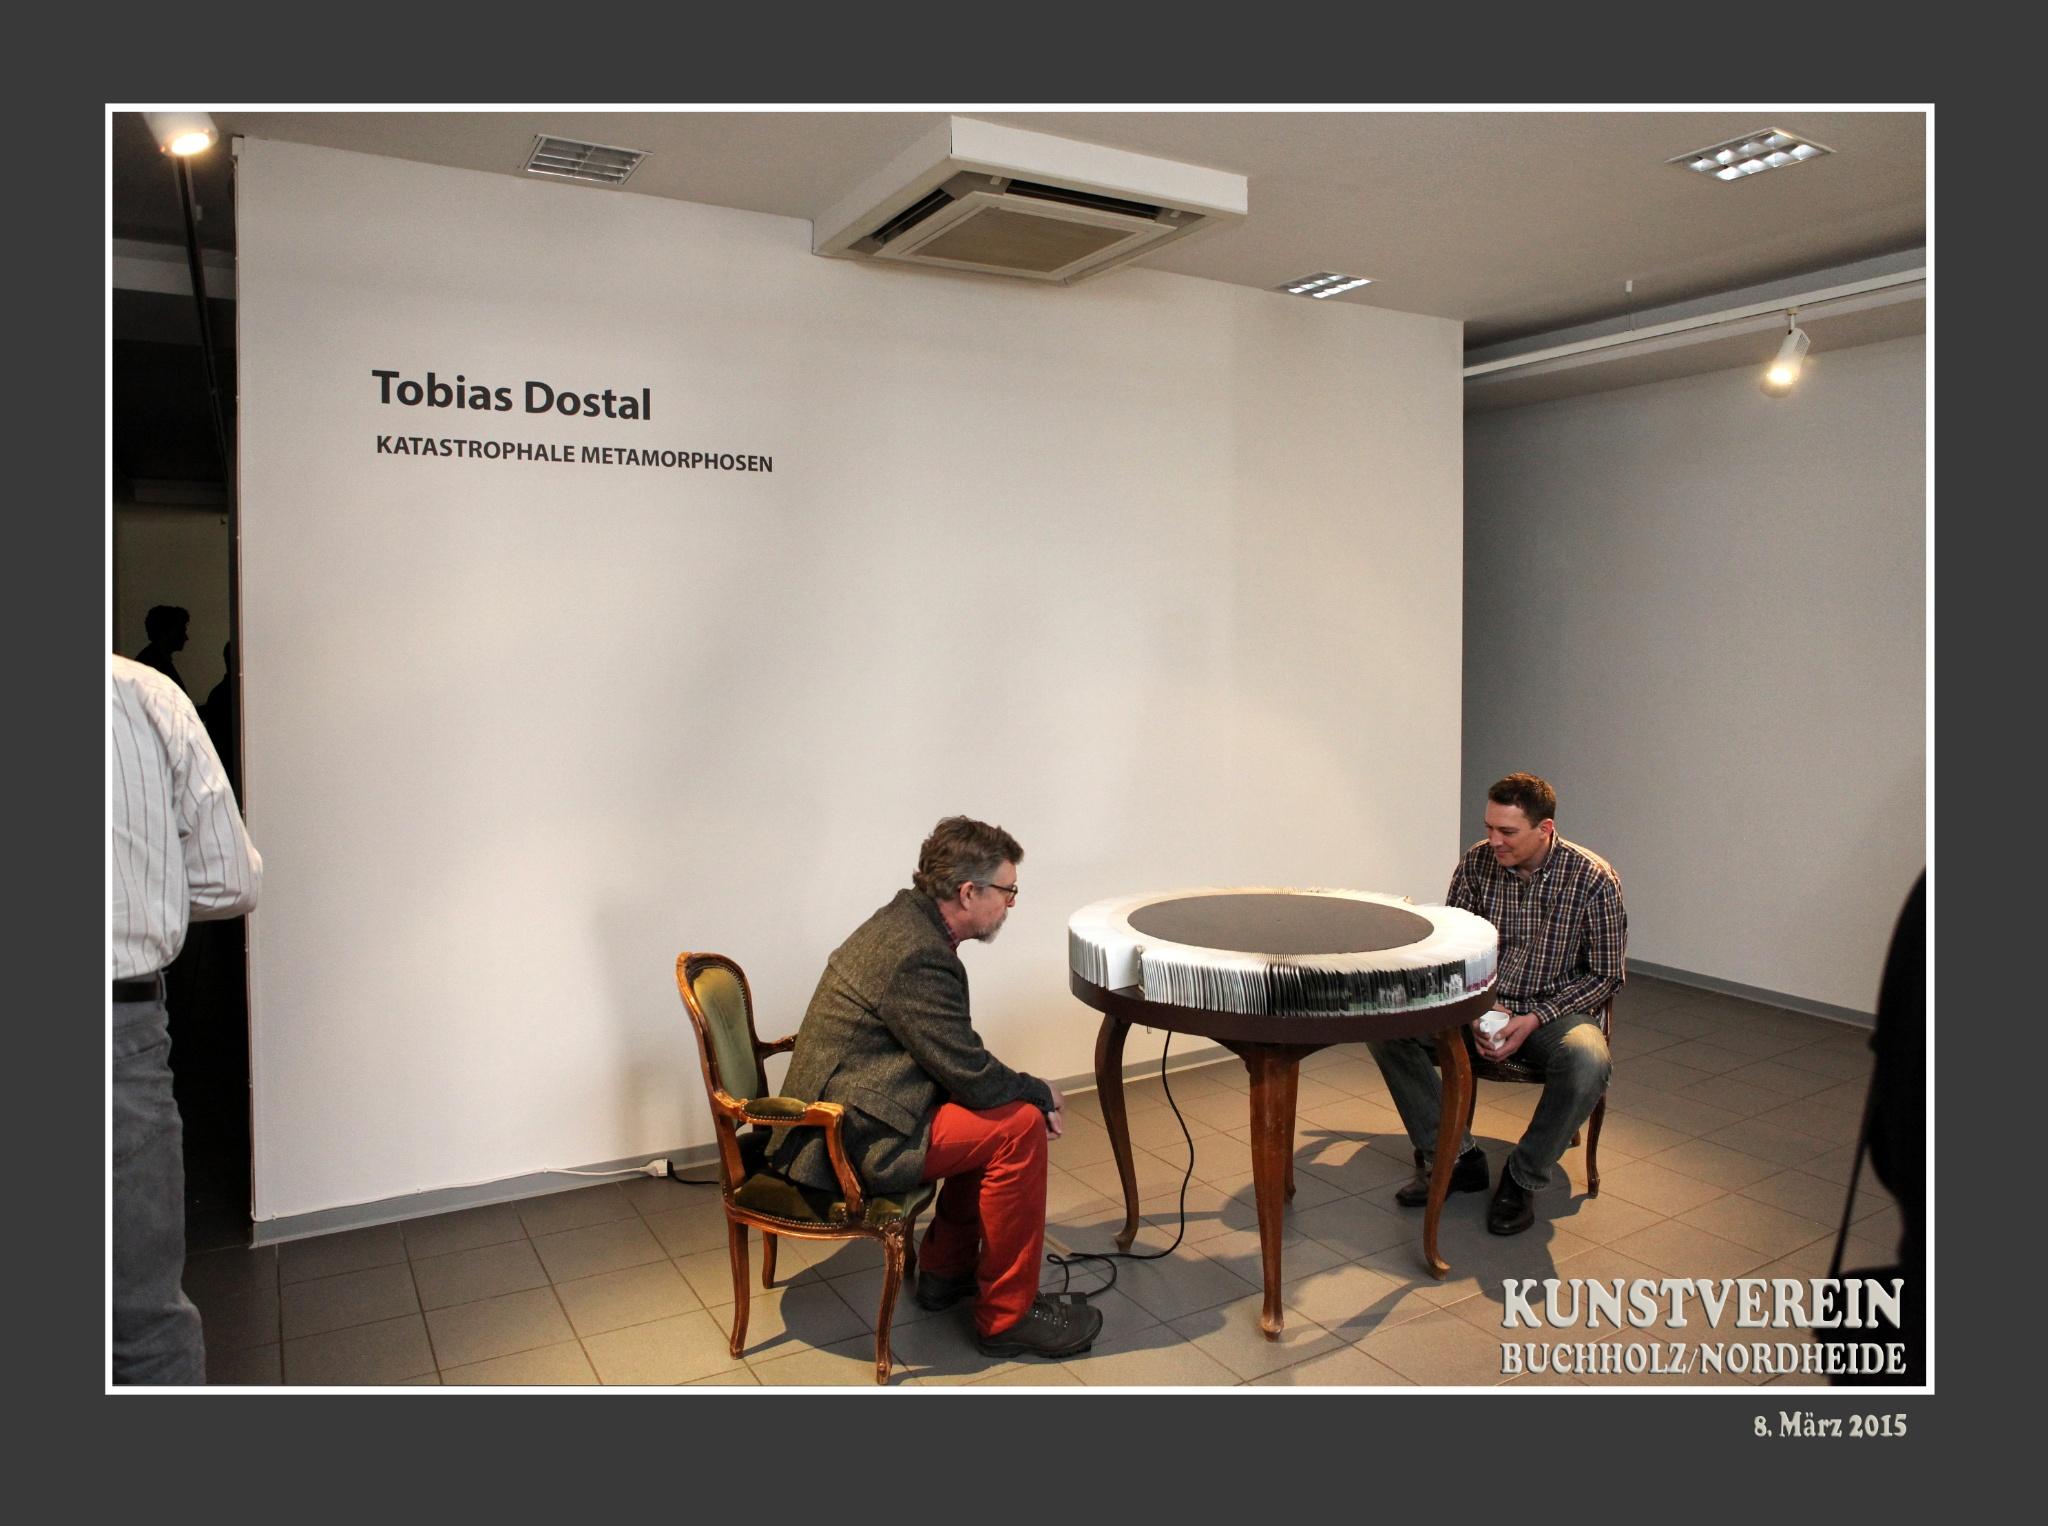 KUNSTVEREIN Buchholz/Nordheide;  Ausstellung Tobias Dostal